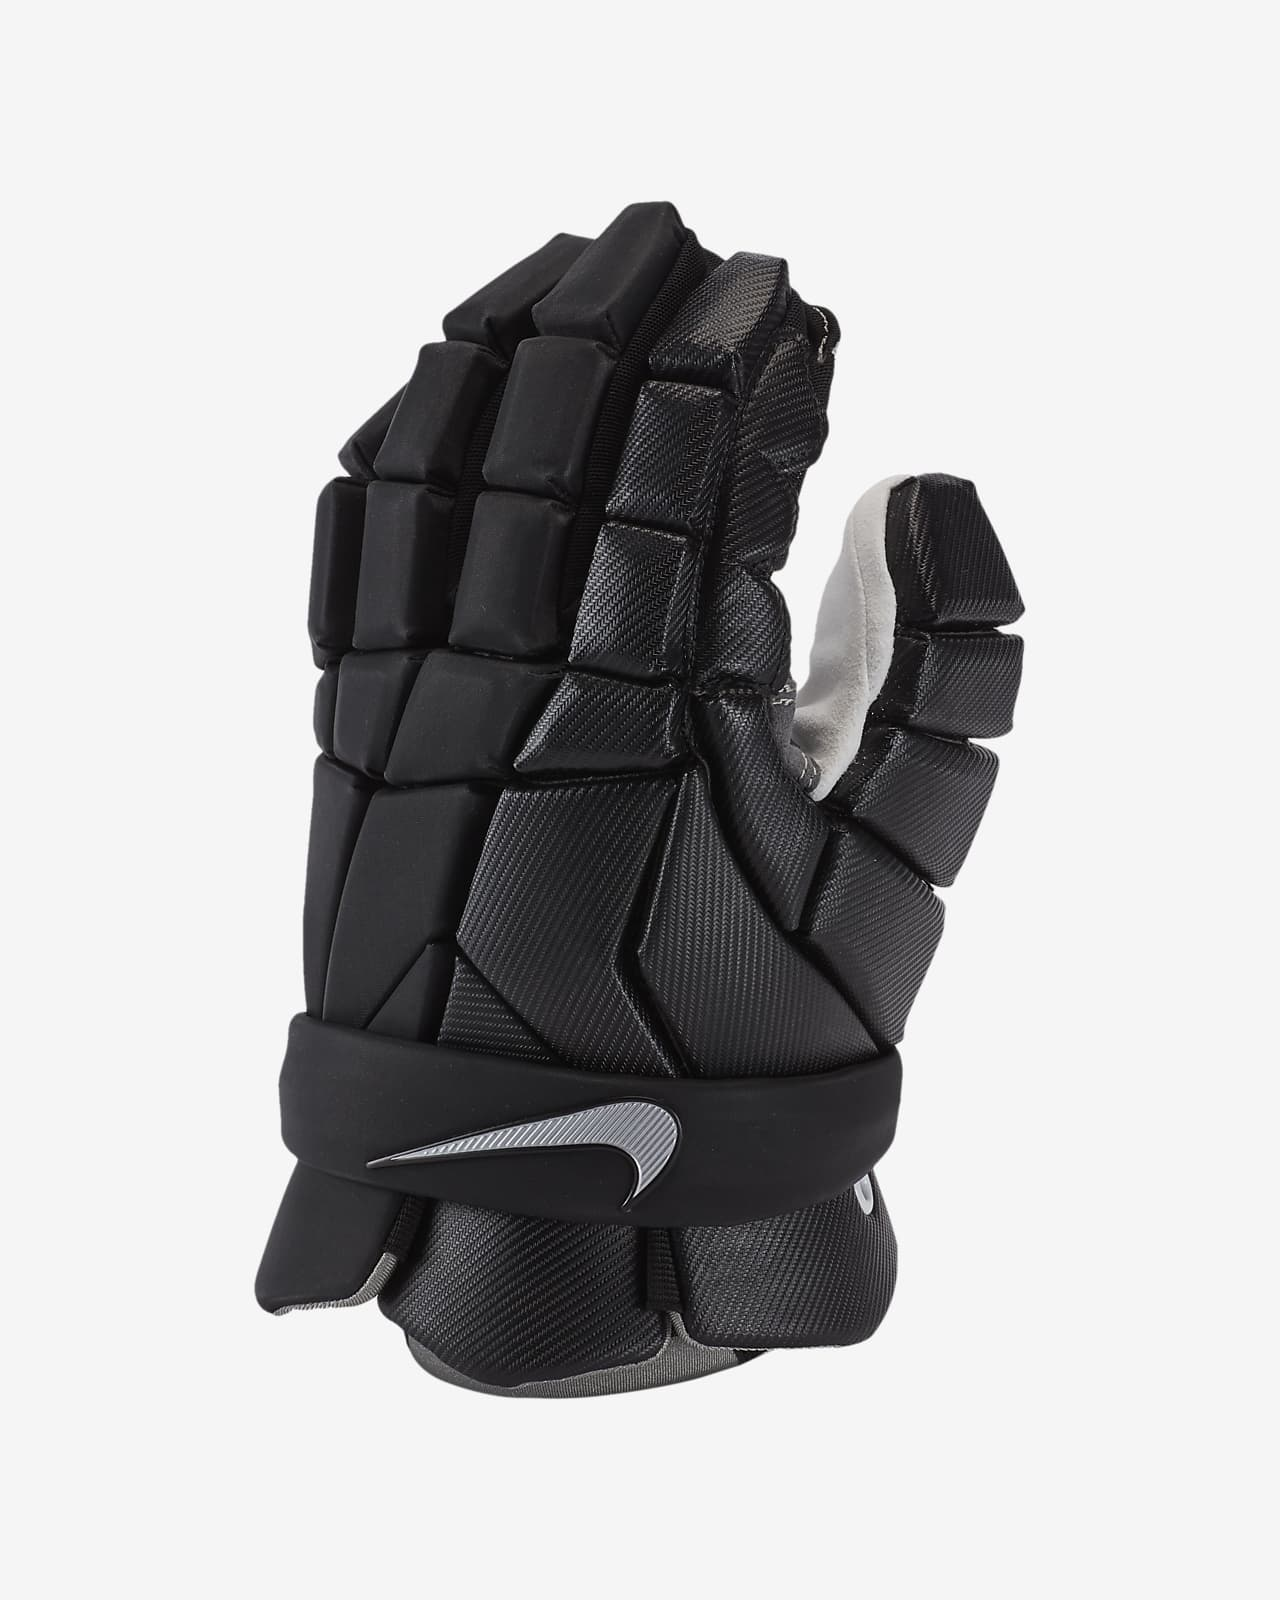 Nike Vapor Men's Lacrosse Gloves